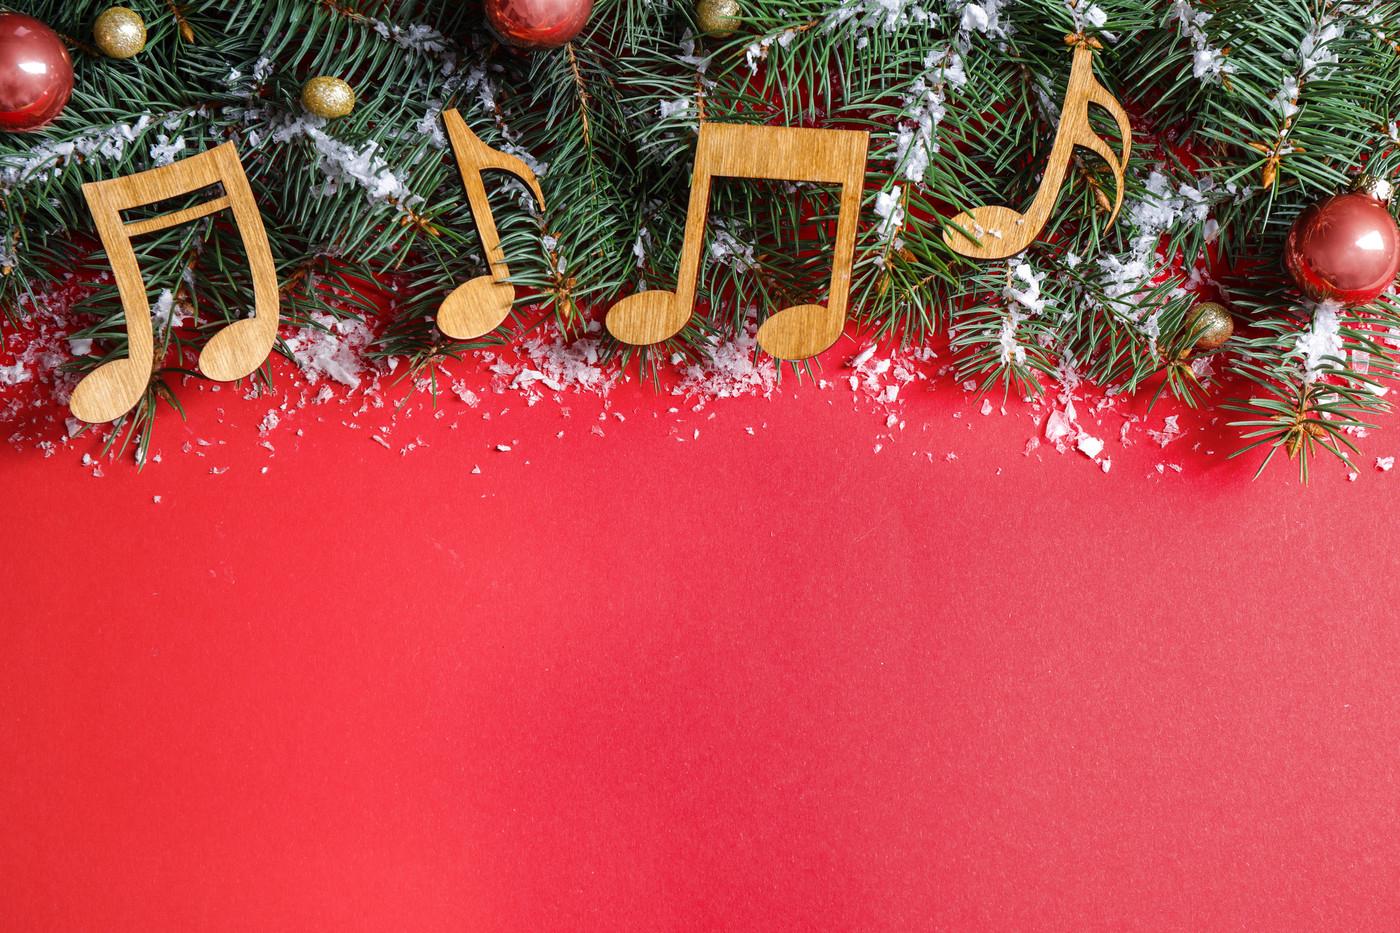 Playlist De Noël : Sept Chansons À Écouter Près Du Sapin avec Chanson De Noel Ecrite